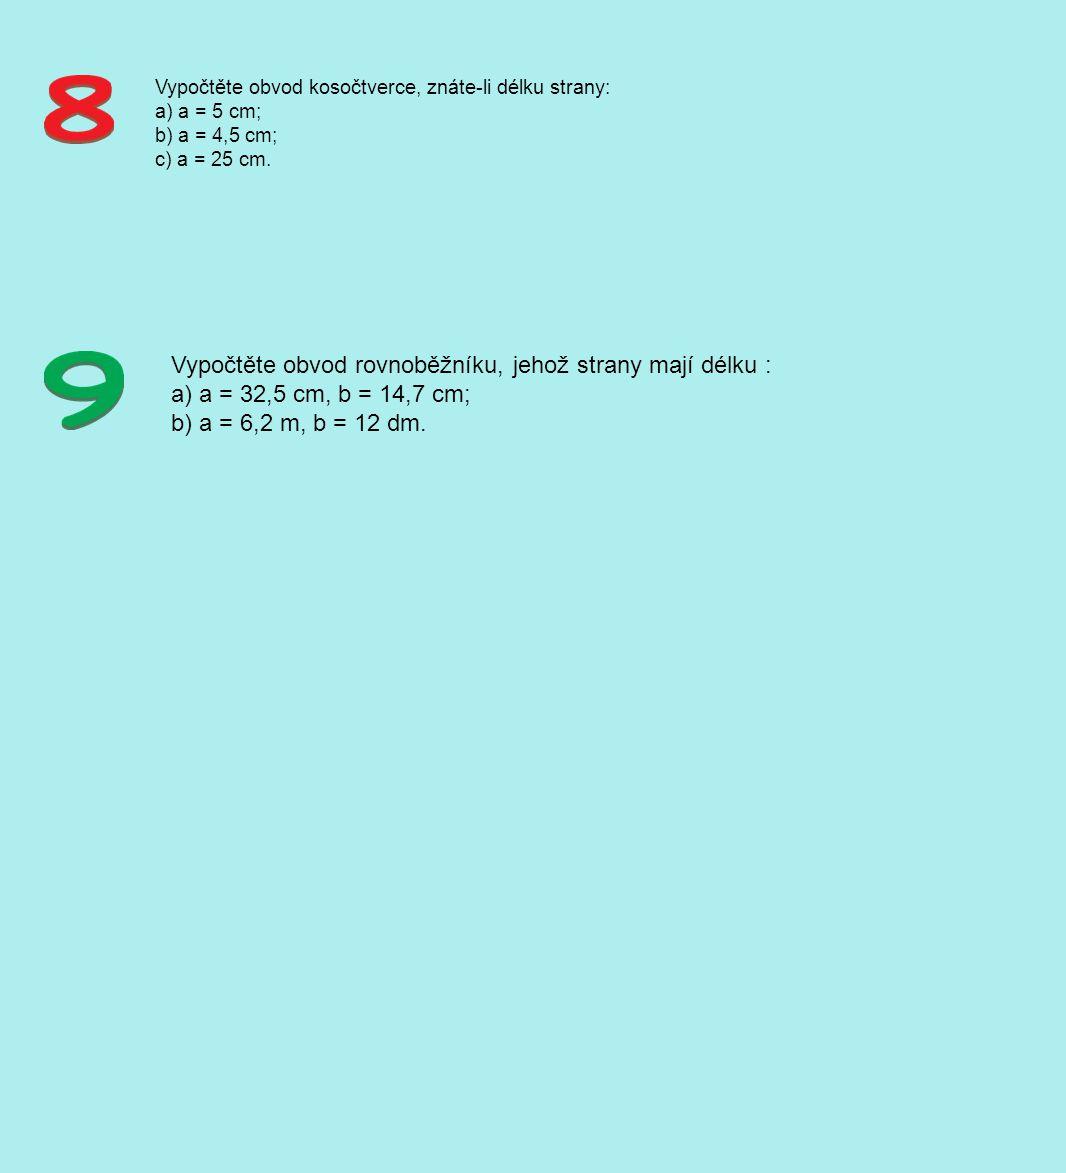 Vypočtěte obvod rovnoběžníku, jehož strany mají délku :